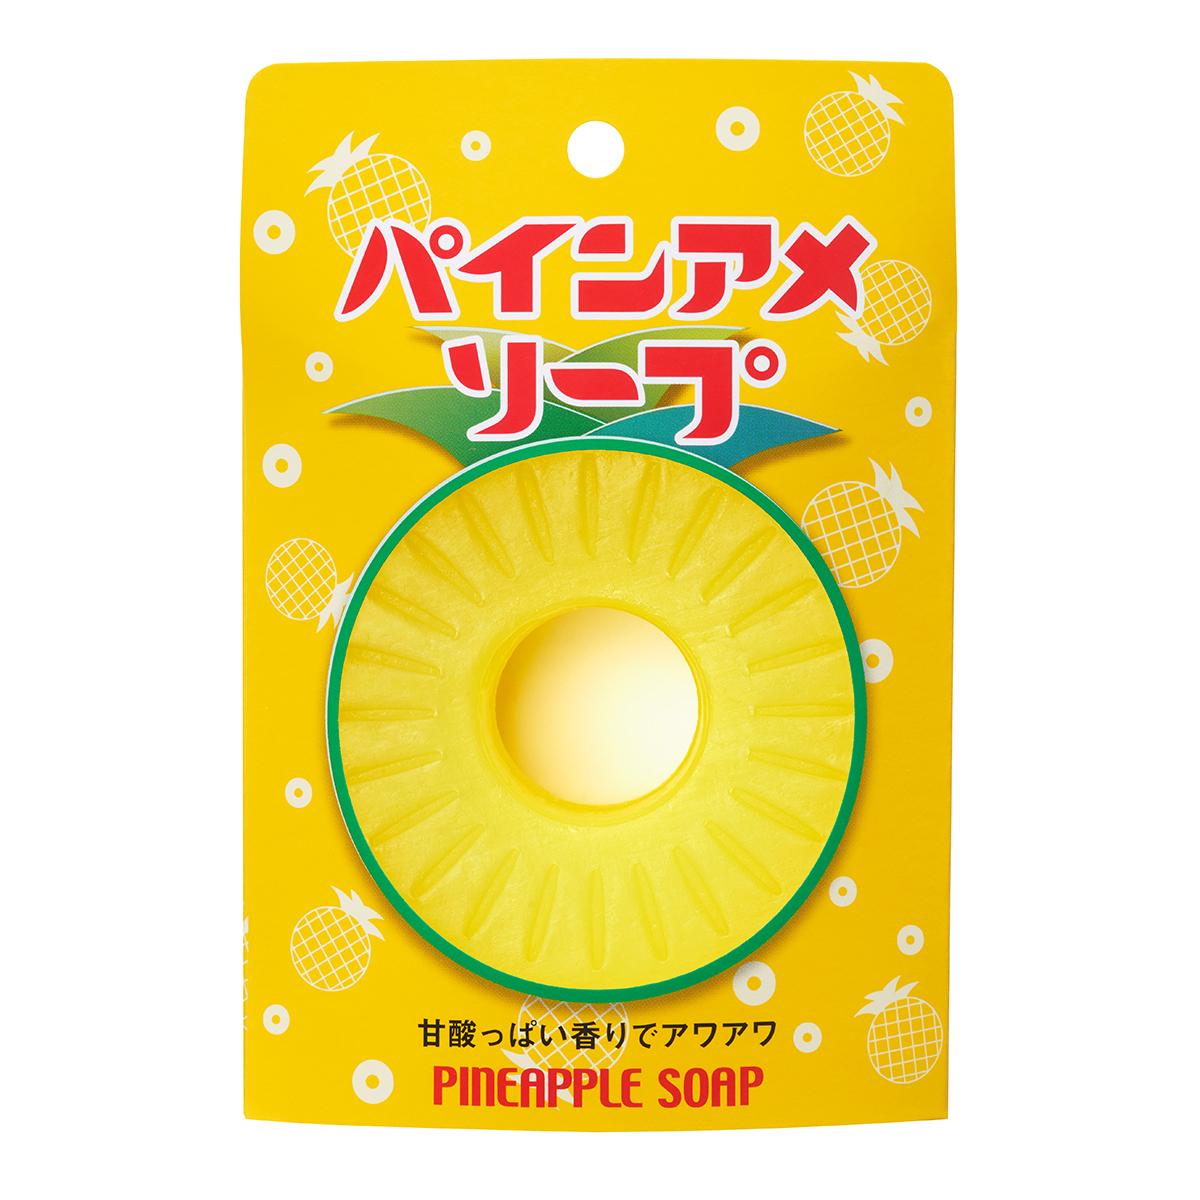 パインアメが石けんになった!見た目も香りもそっくりな「パインアメソープ」がMakuakeで先行販売